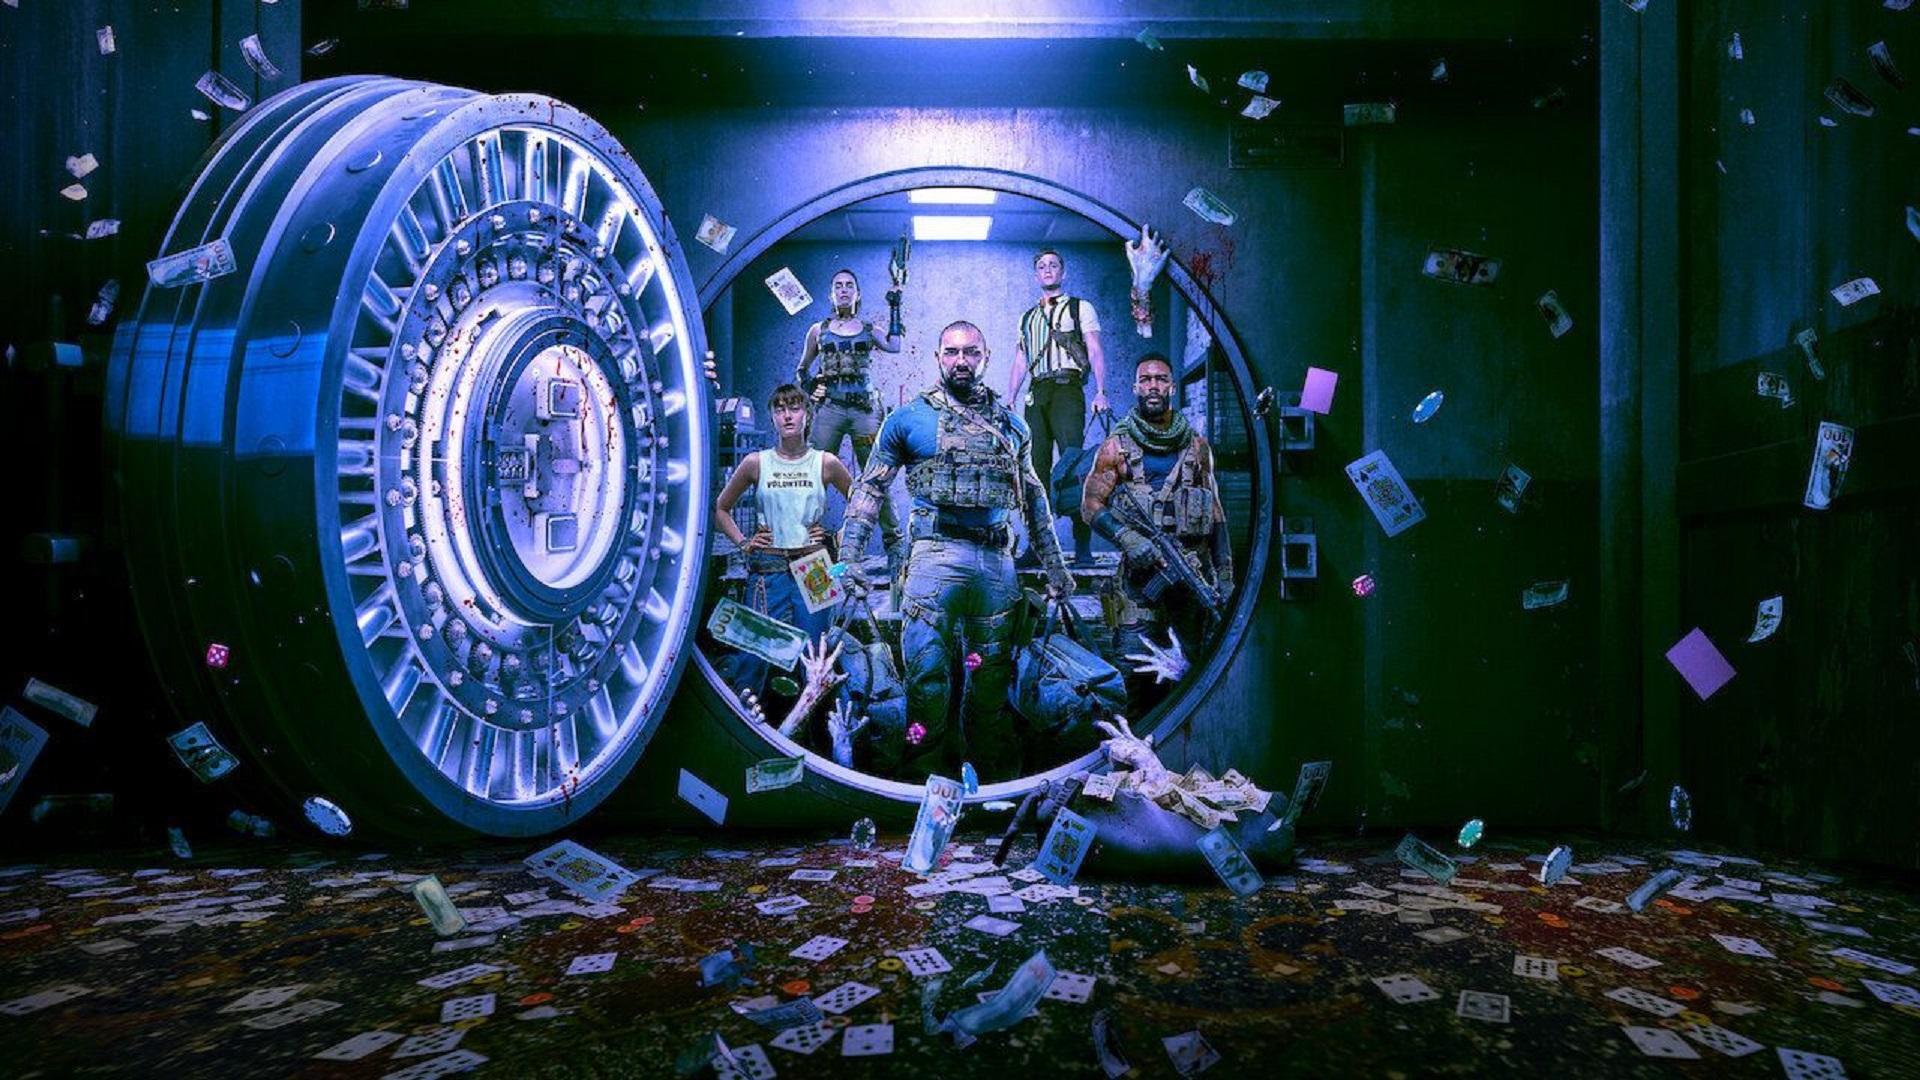 El ejército de los muertos: llegó la película postapocalíptica de Zack Snyder